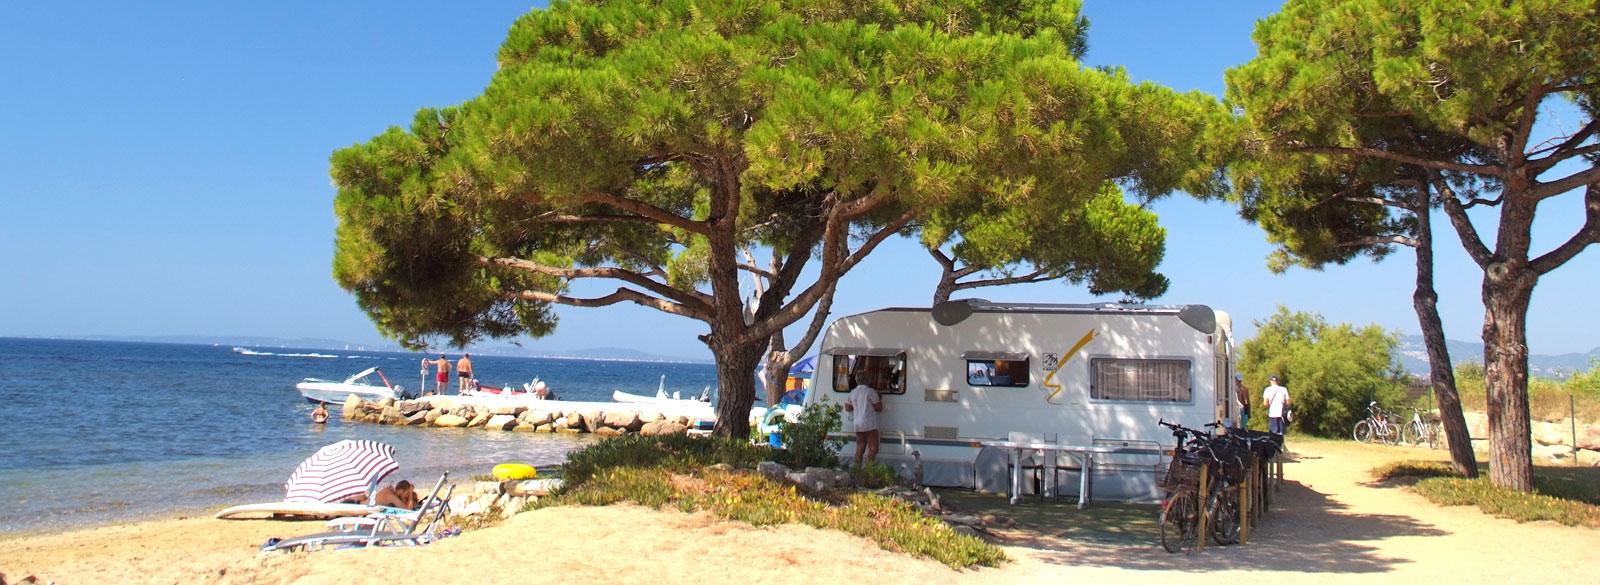 campsite bormes les mimosas